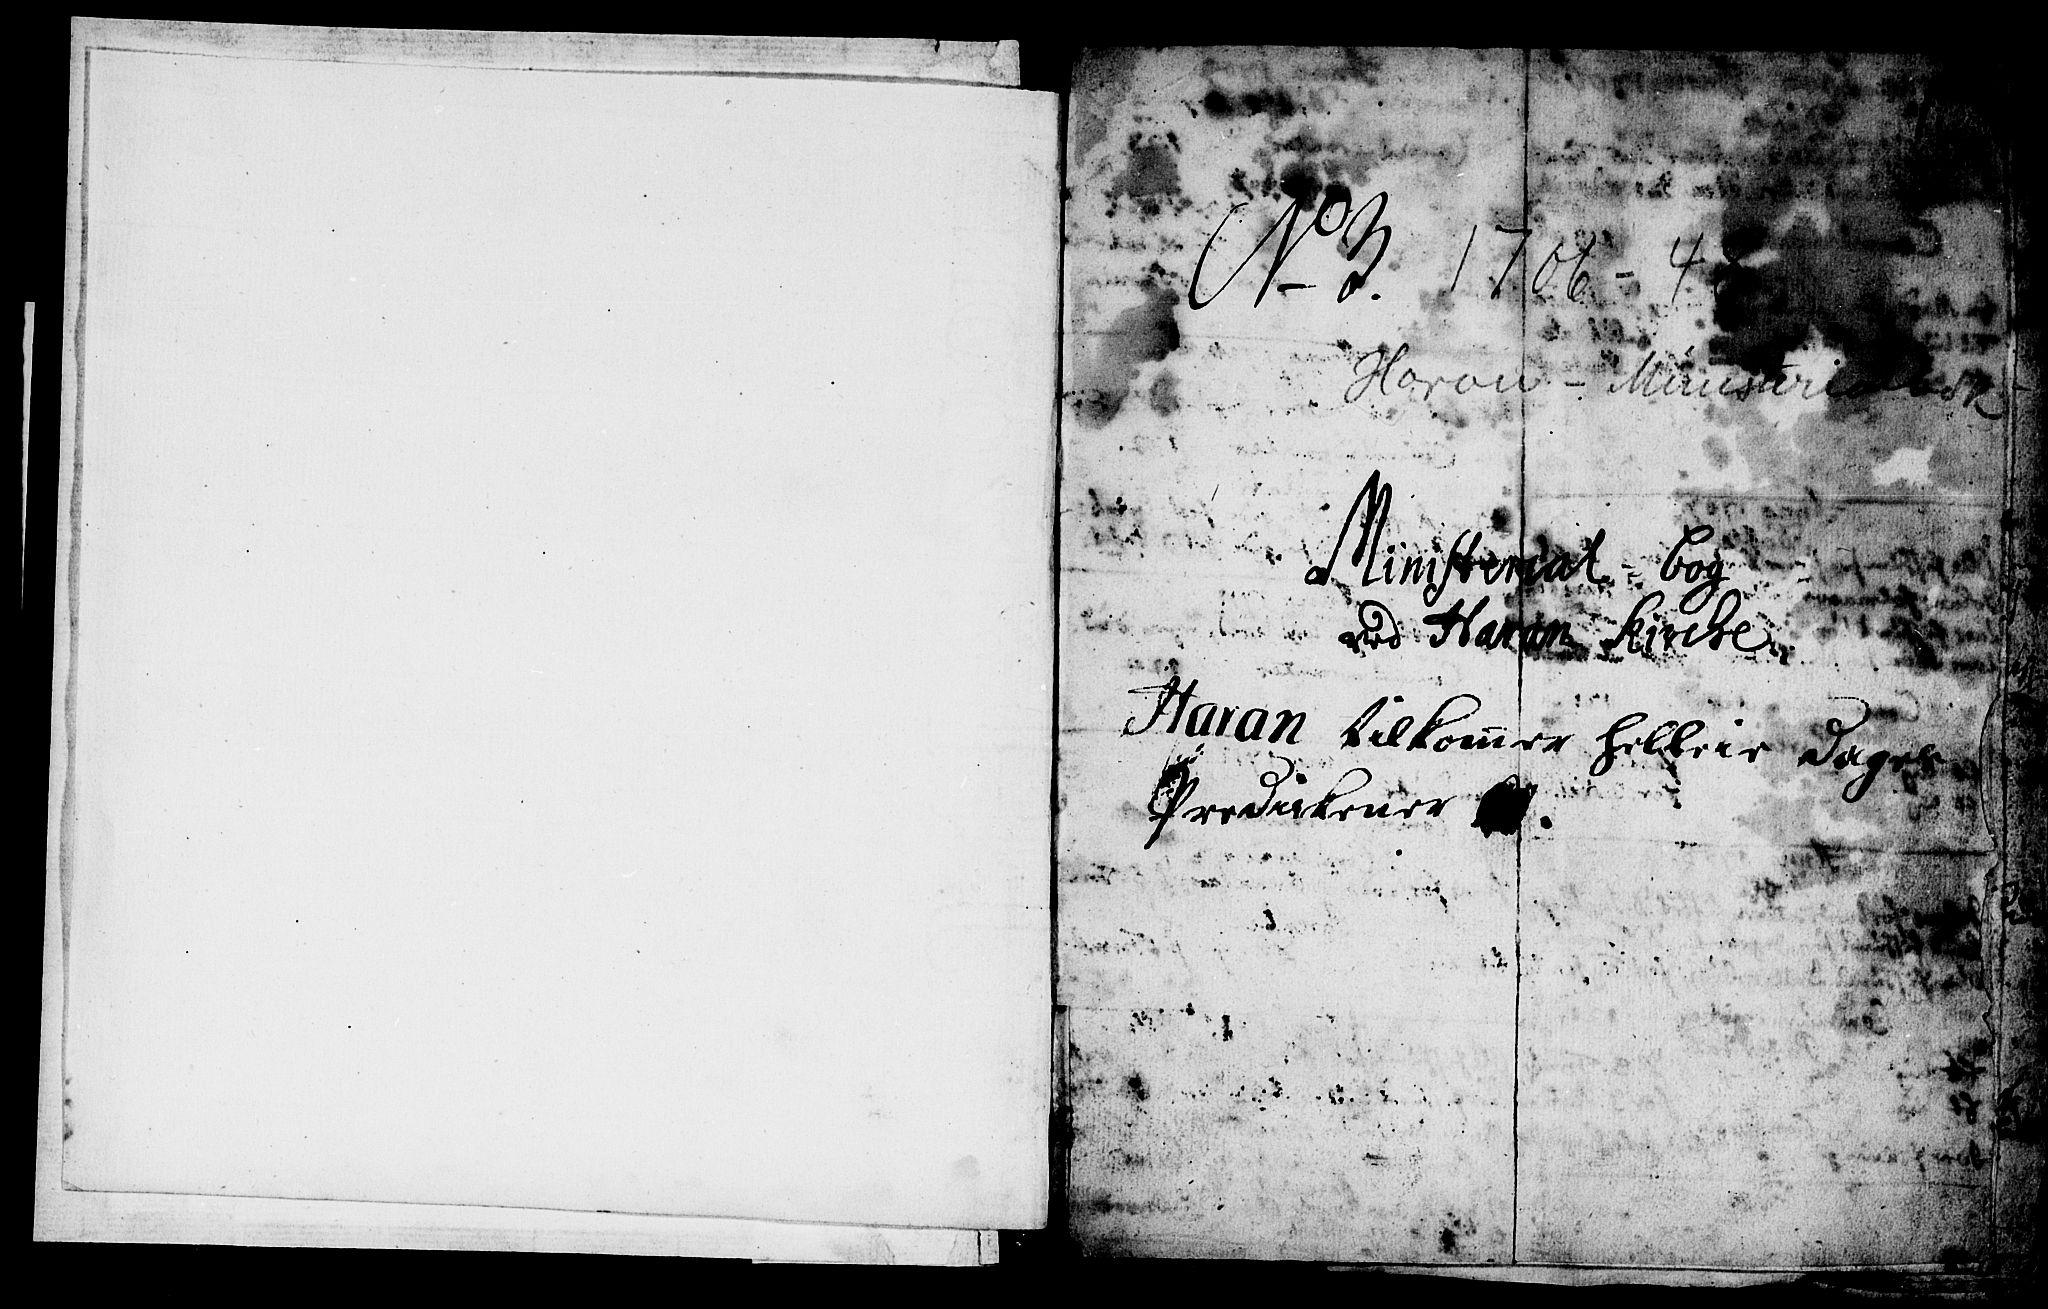 SAT, Ministerialprotokoller, klokkerbøker og fødselsregistre - Nord-Trøndelag, 759/L0525: Ministerialbok nr. 759A01, 1706-1748, s. 1